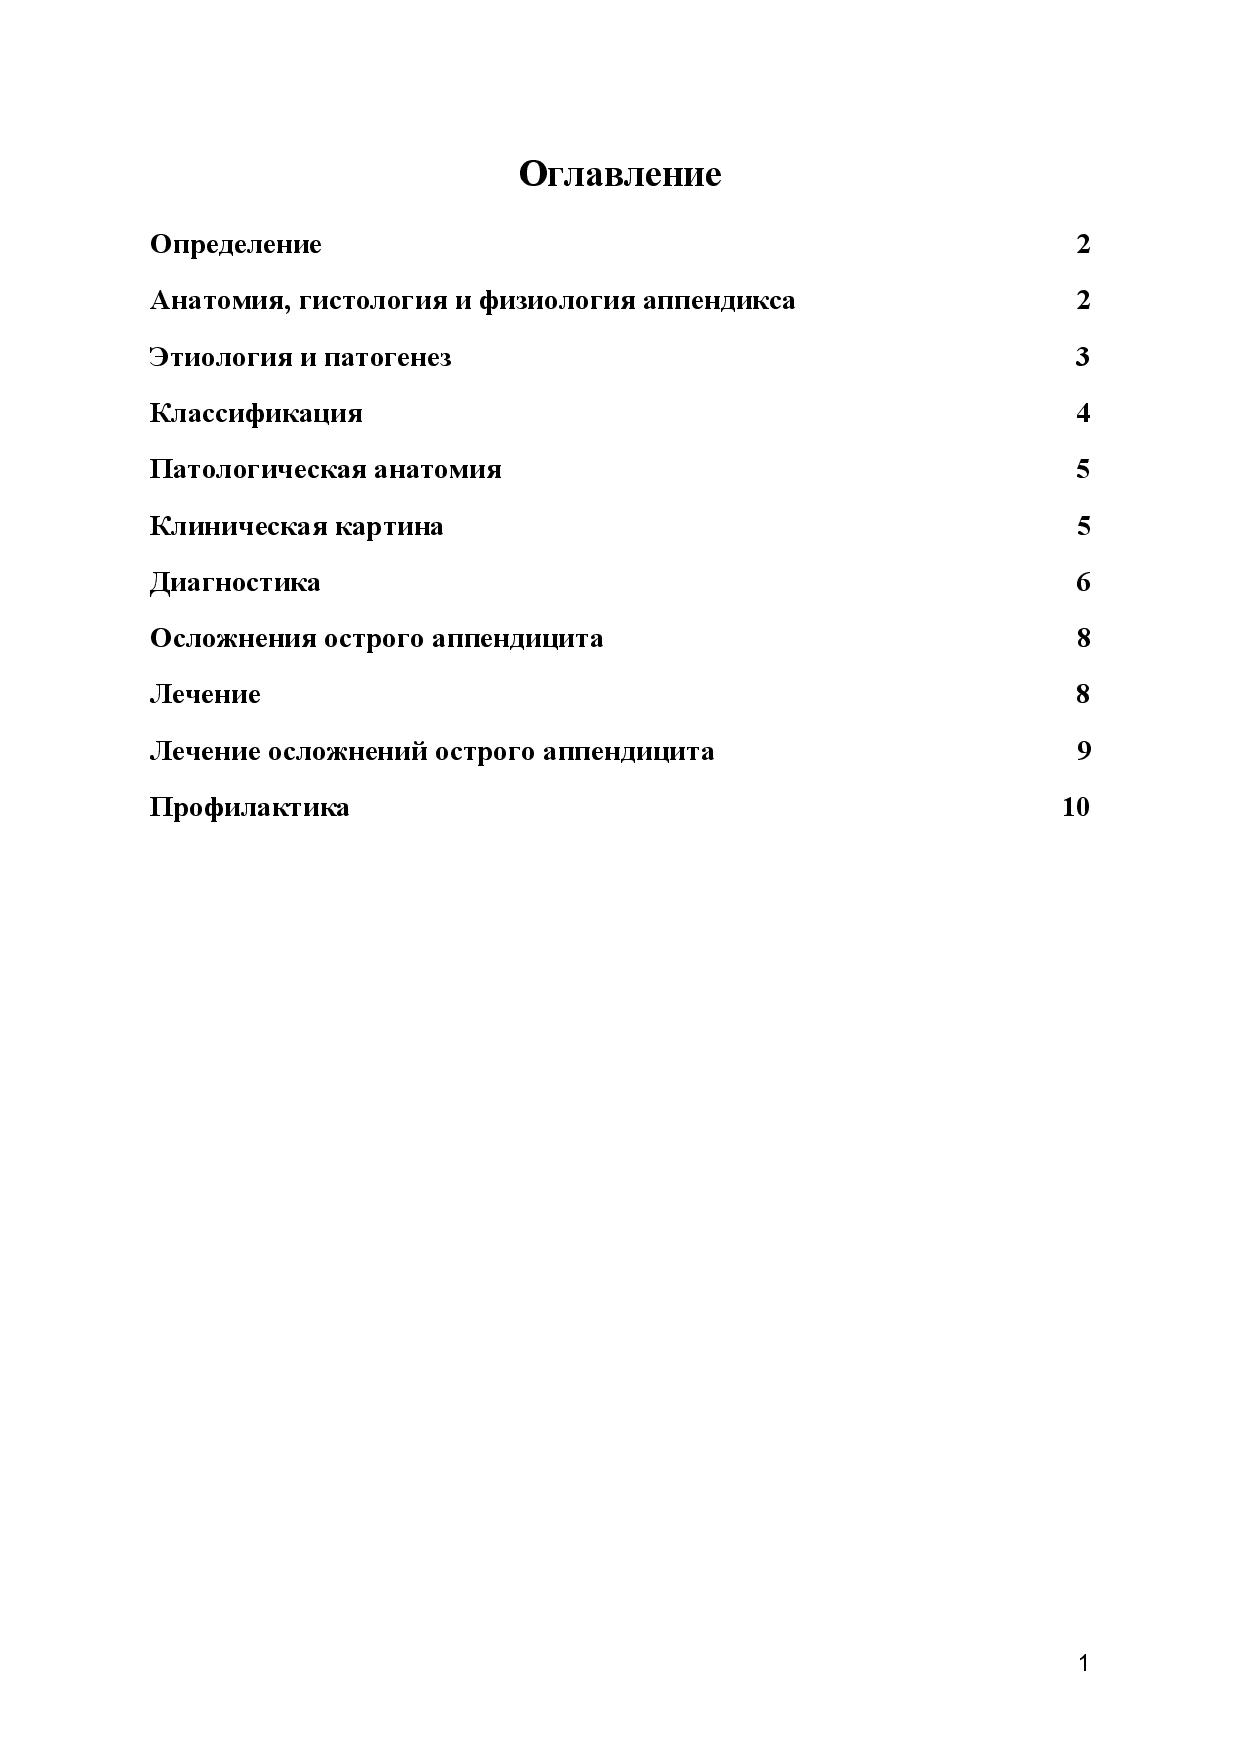 Аппендицит. причины, симптомы, диагностика и лечение.